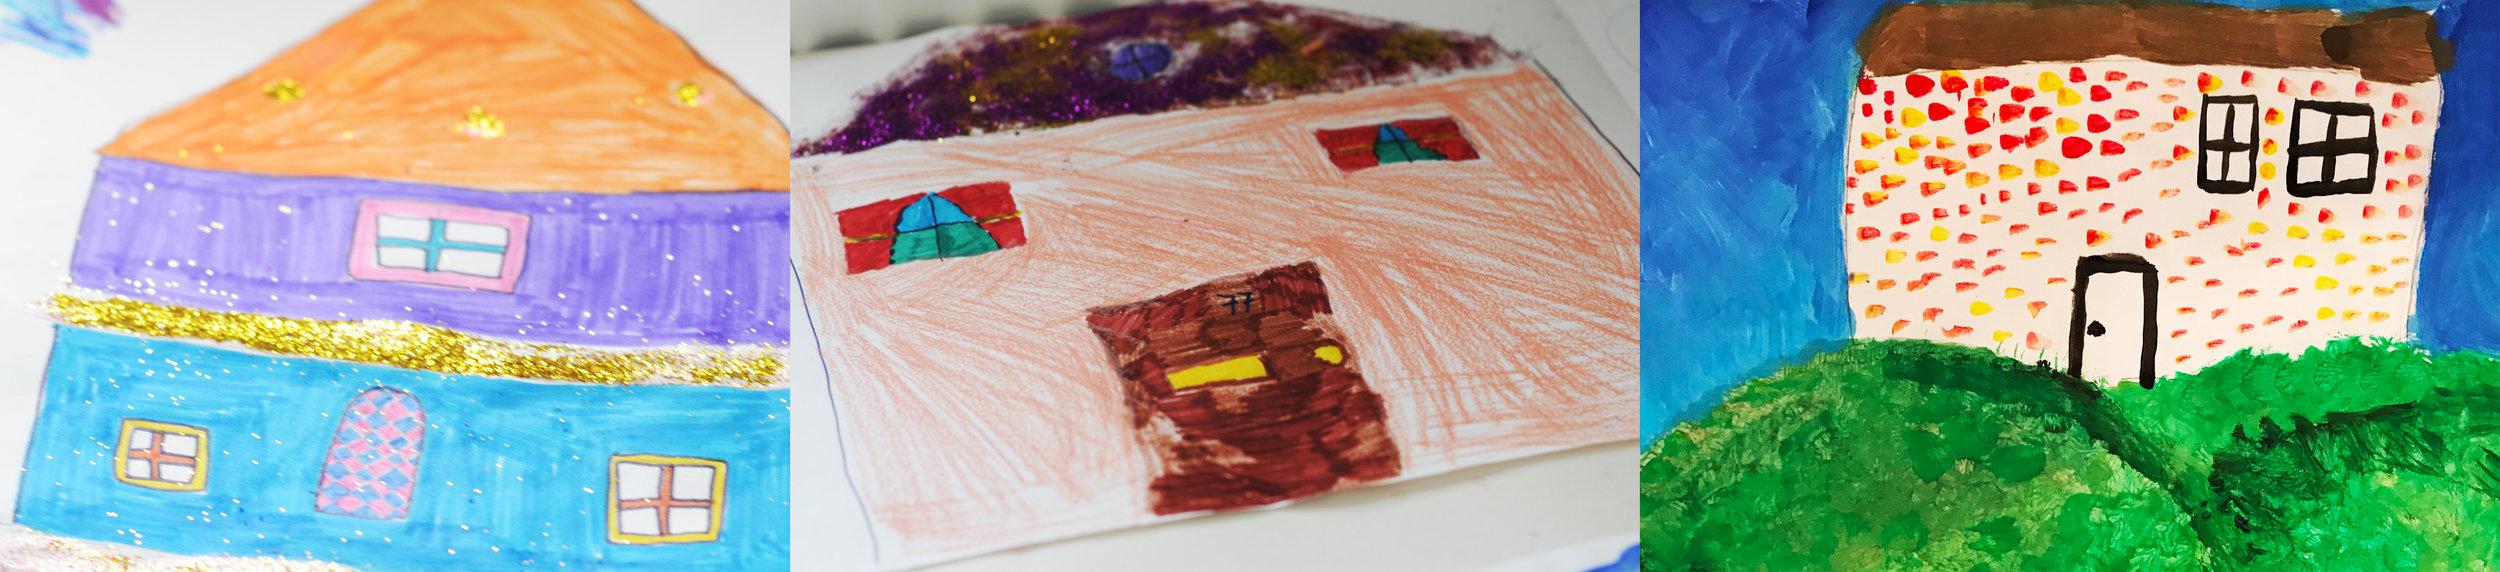 kids drawings 3.jpg